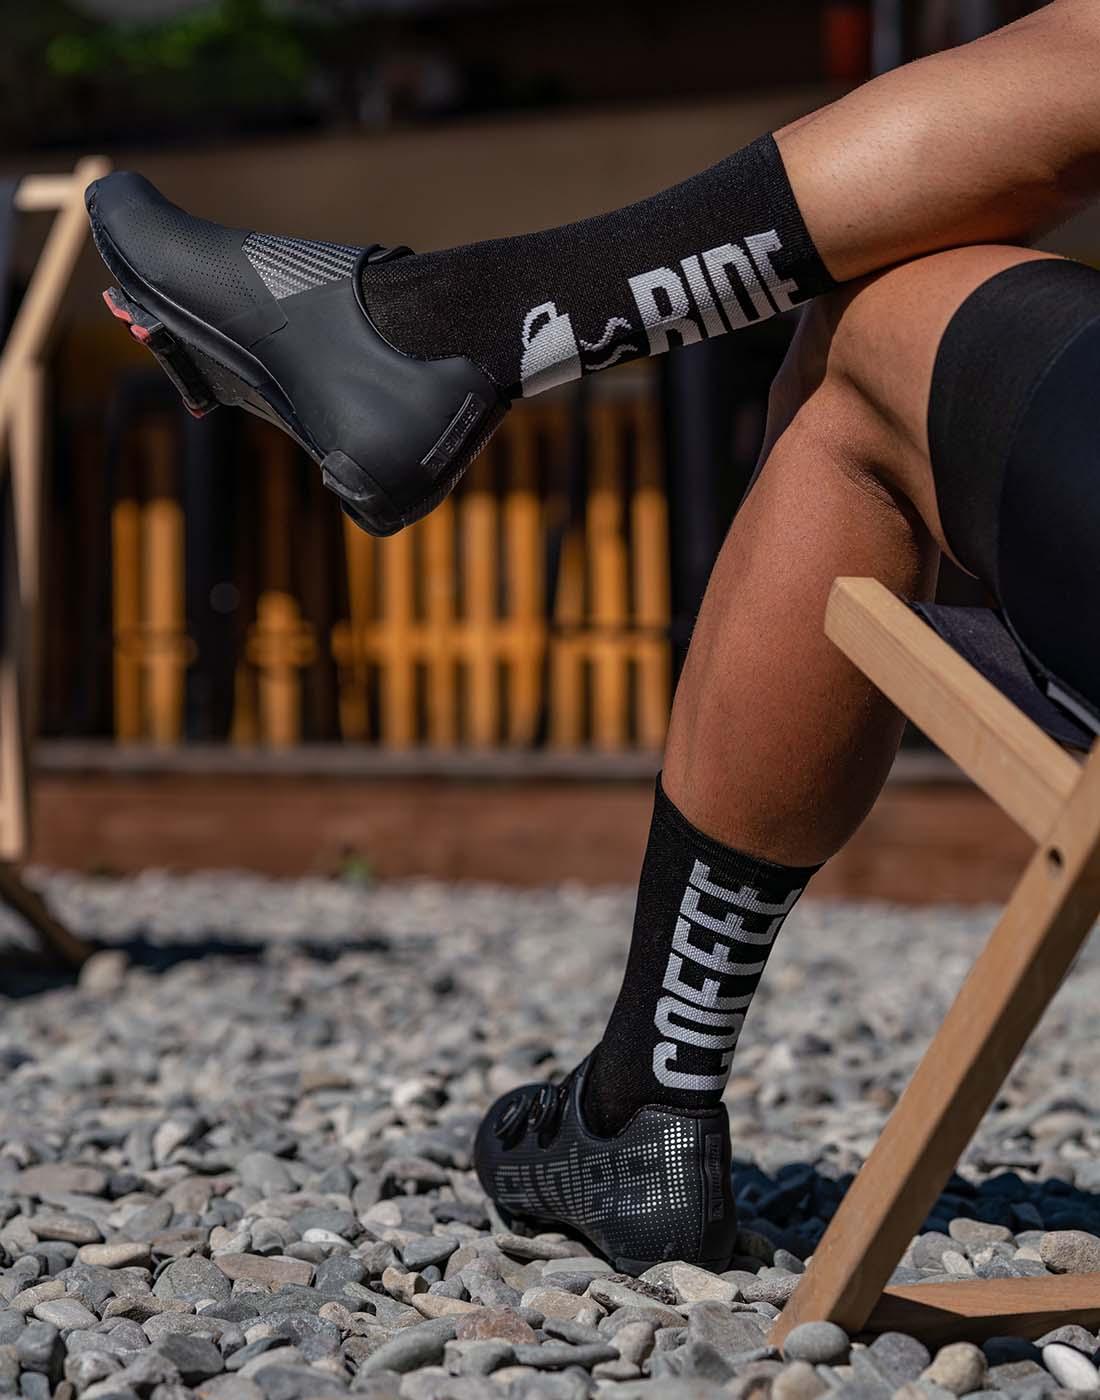 nogi mężczyzny ubranego w kolarski strój z motywem kawowym